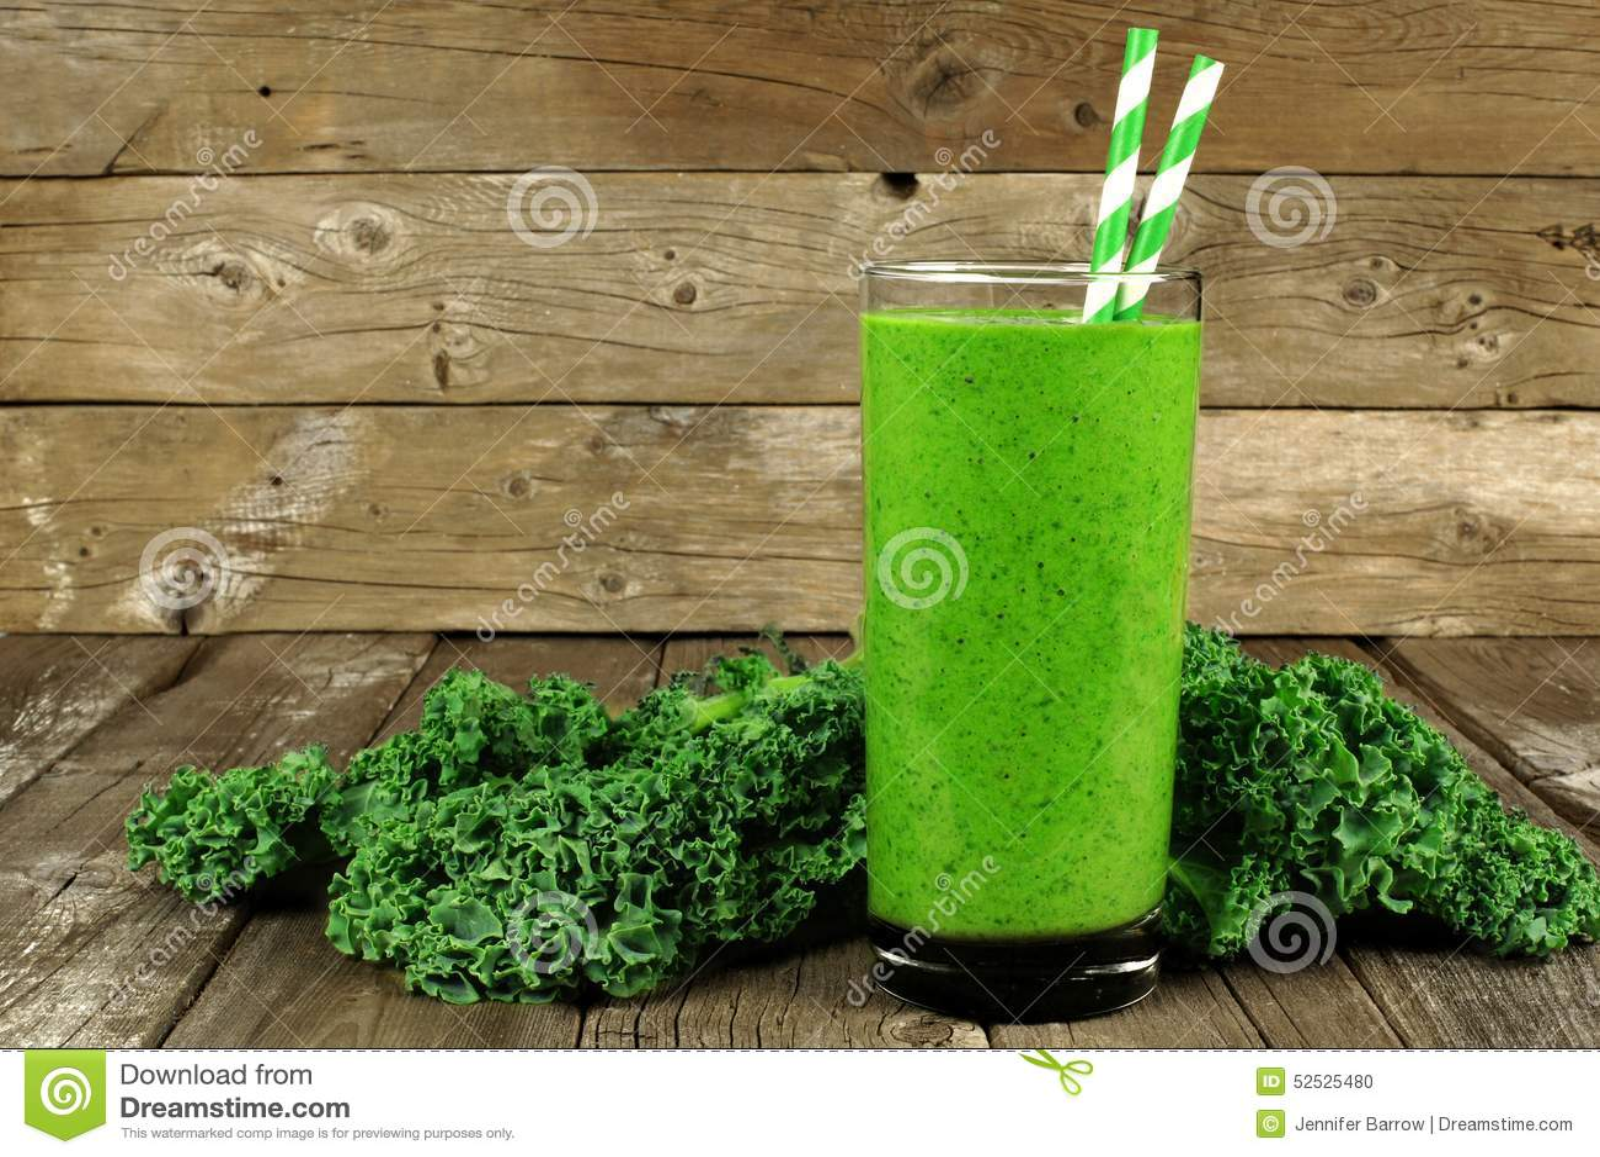 Grüner Smoothie mit Kohl auf hölzernem Hintergrund